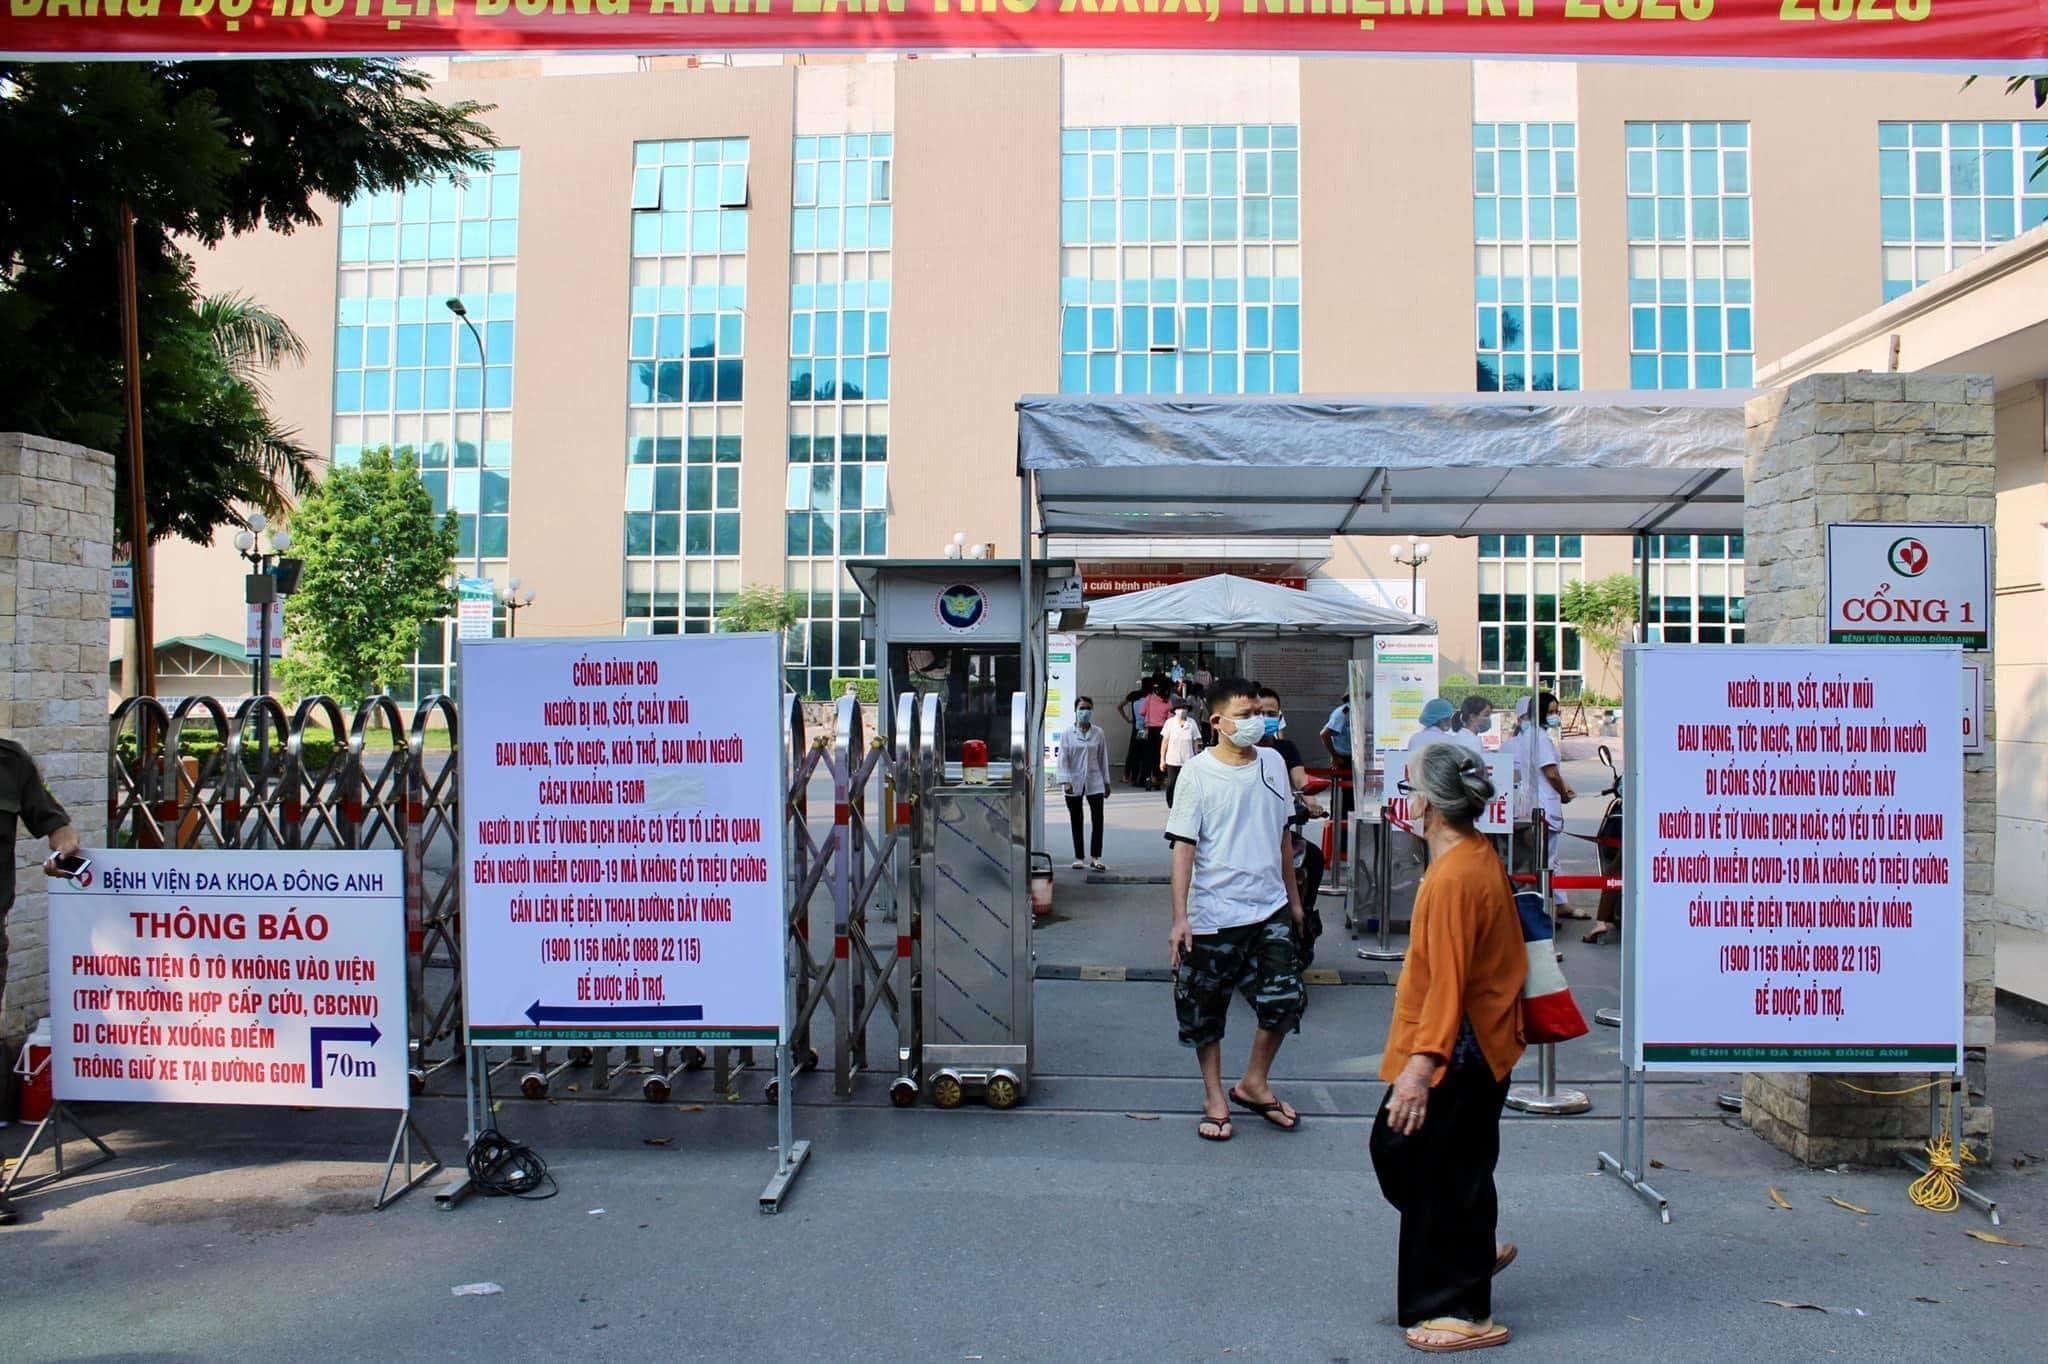 Sản phụ 21 tuổi ở Hà Nội đẻ rơi khi đang khai báo y tế